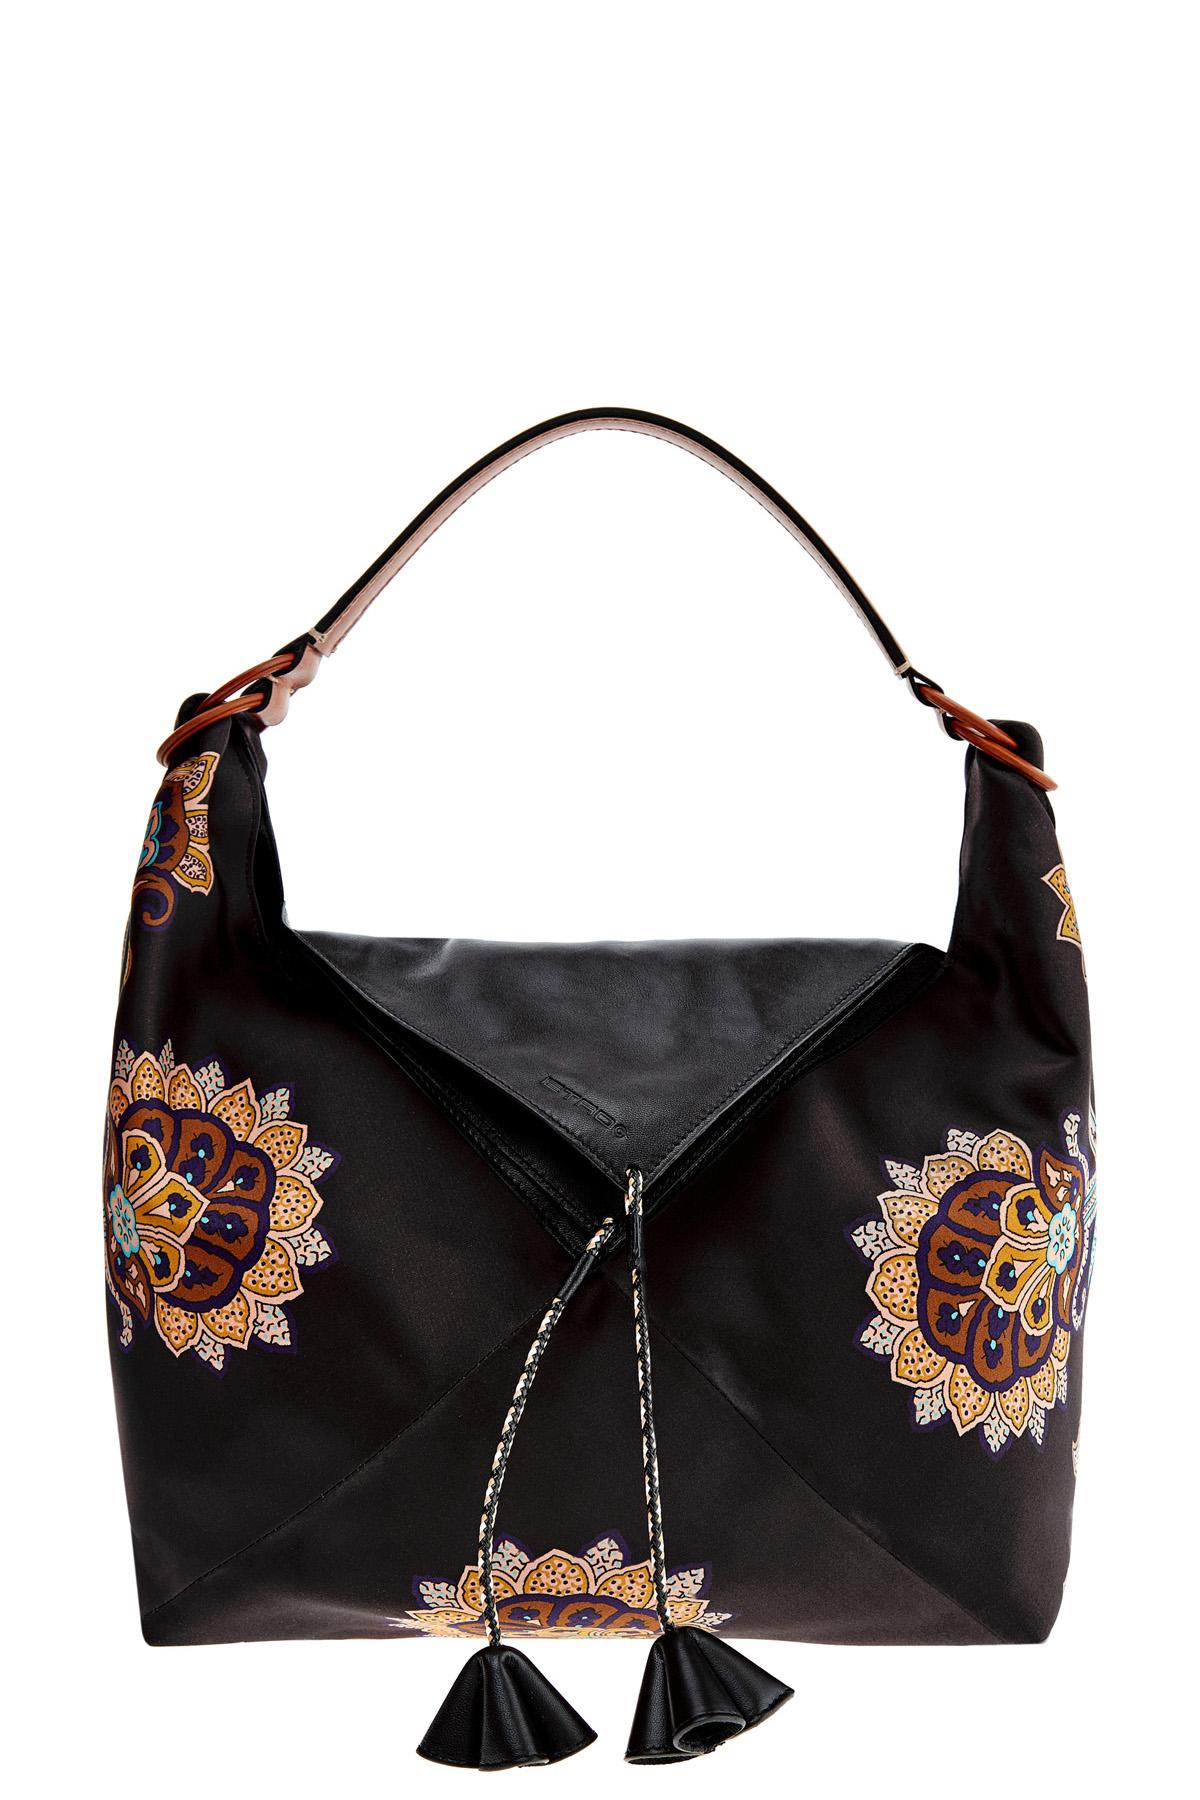 Купить Сумка-тоут мягкой формы в этническом стиле из кожи и атласа, ETRO, Италия, полиэстер 100%